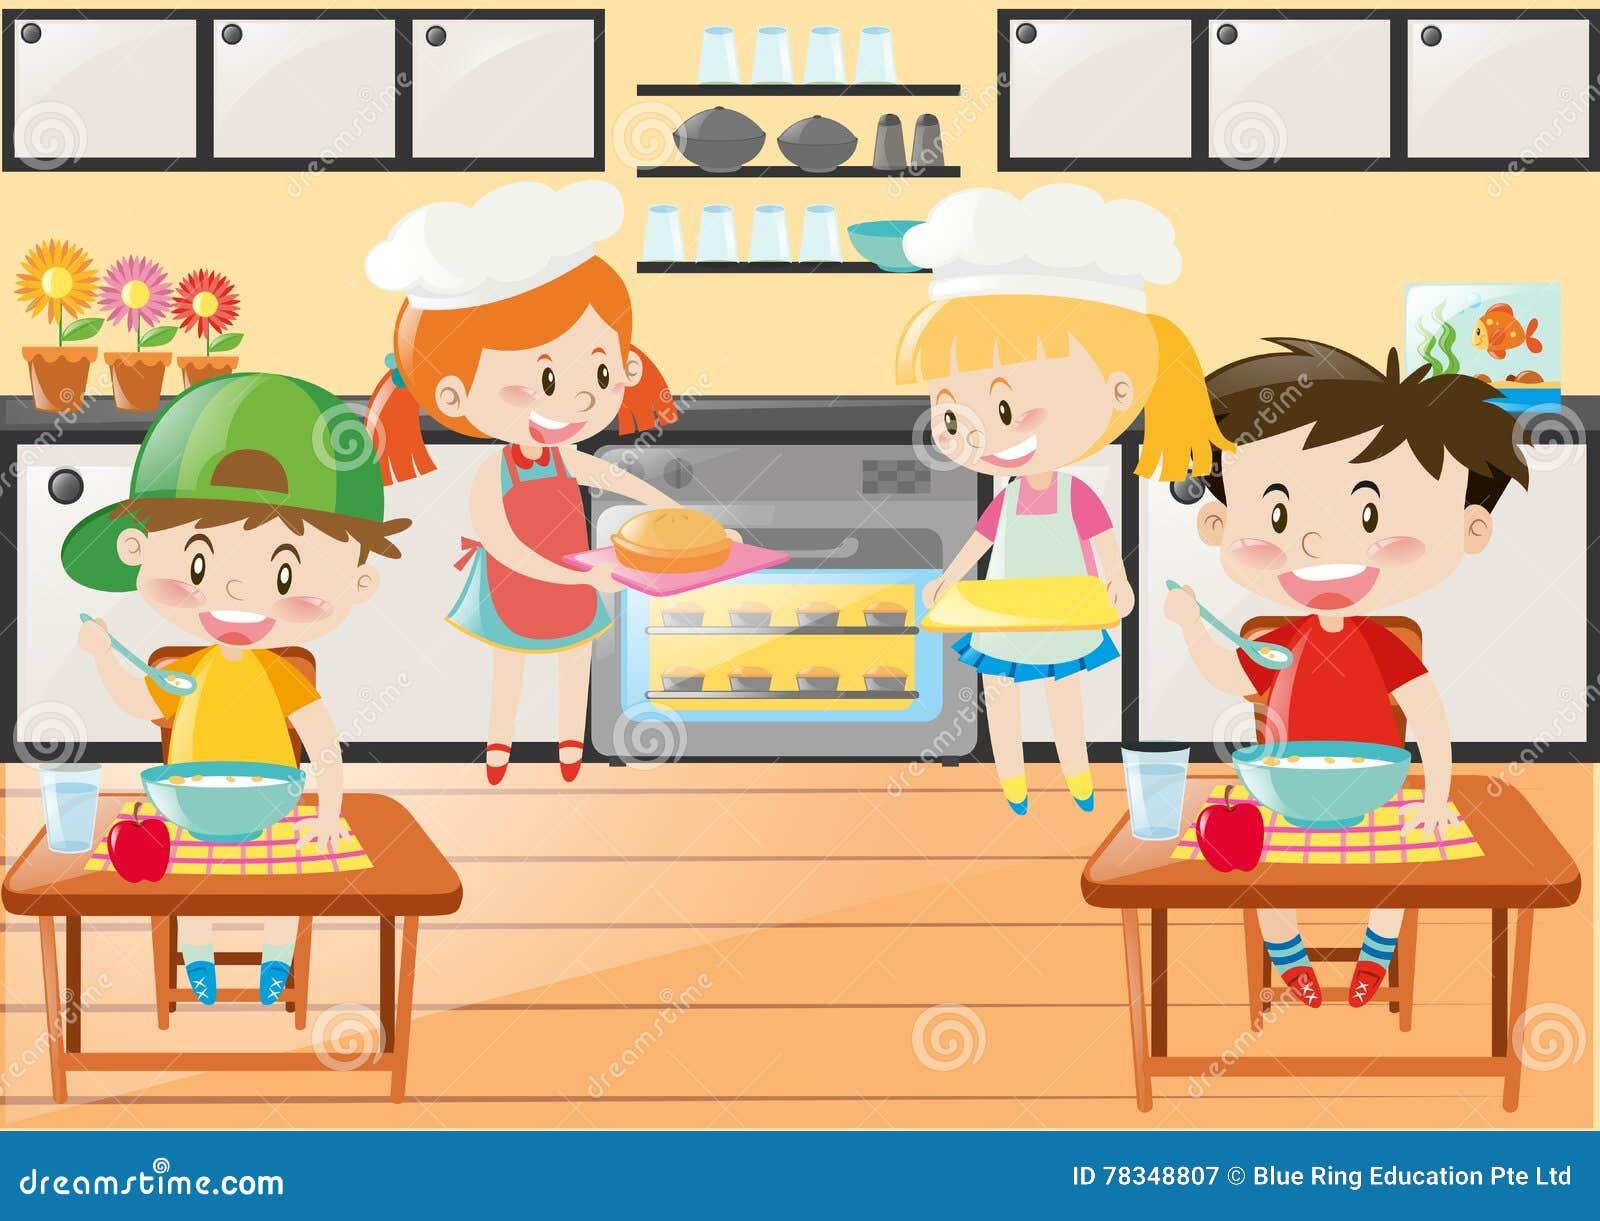 Play kitchen clip art - Illustration Kitchen